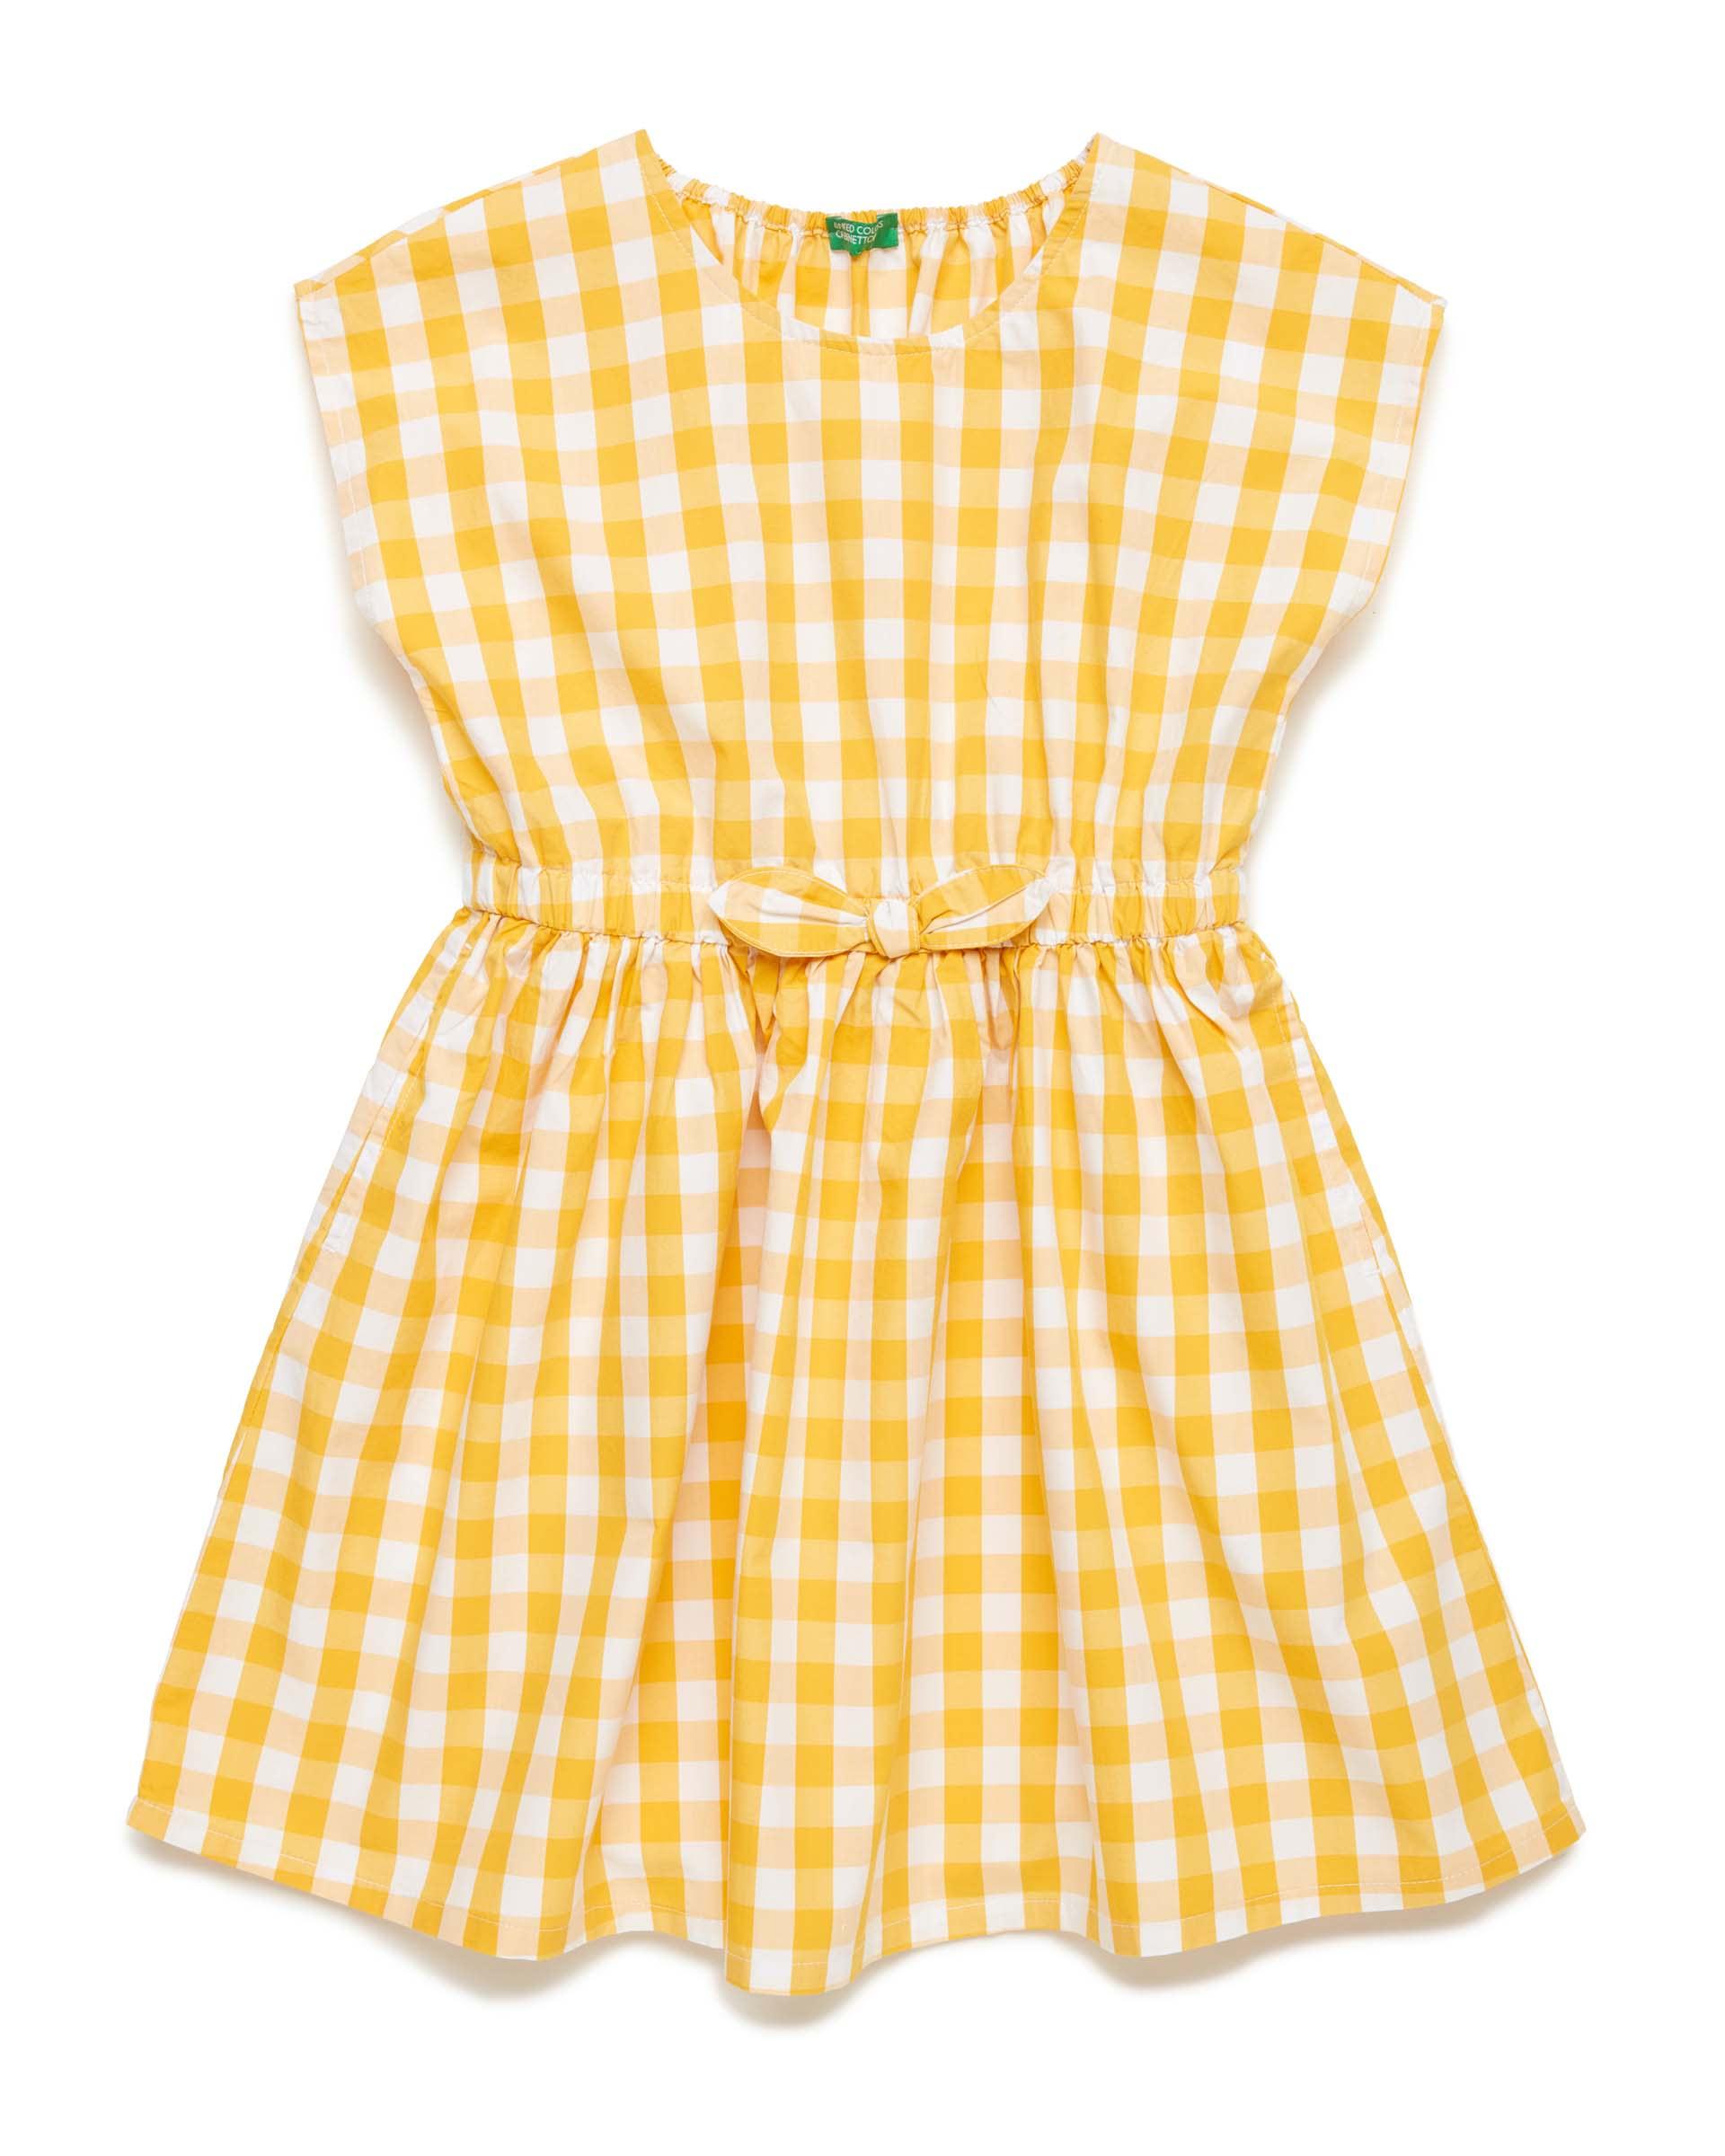 Купить 20P_4OT75VDG0_911, Платье для девочек Benetton 4OT75VDG0_911 р-р 140, United Colors of Benetton, Платья для девочек